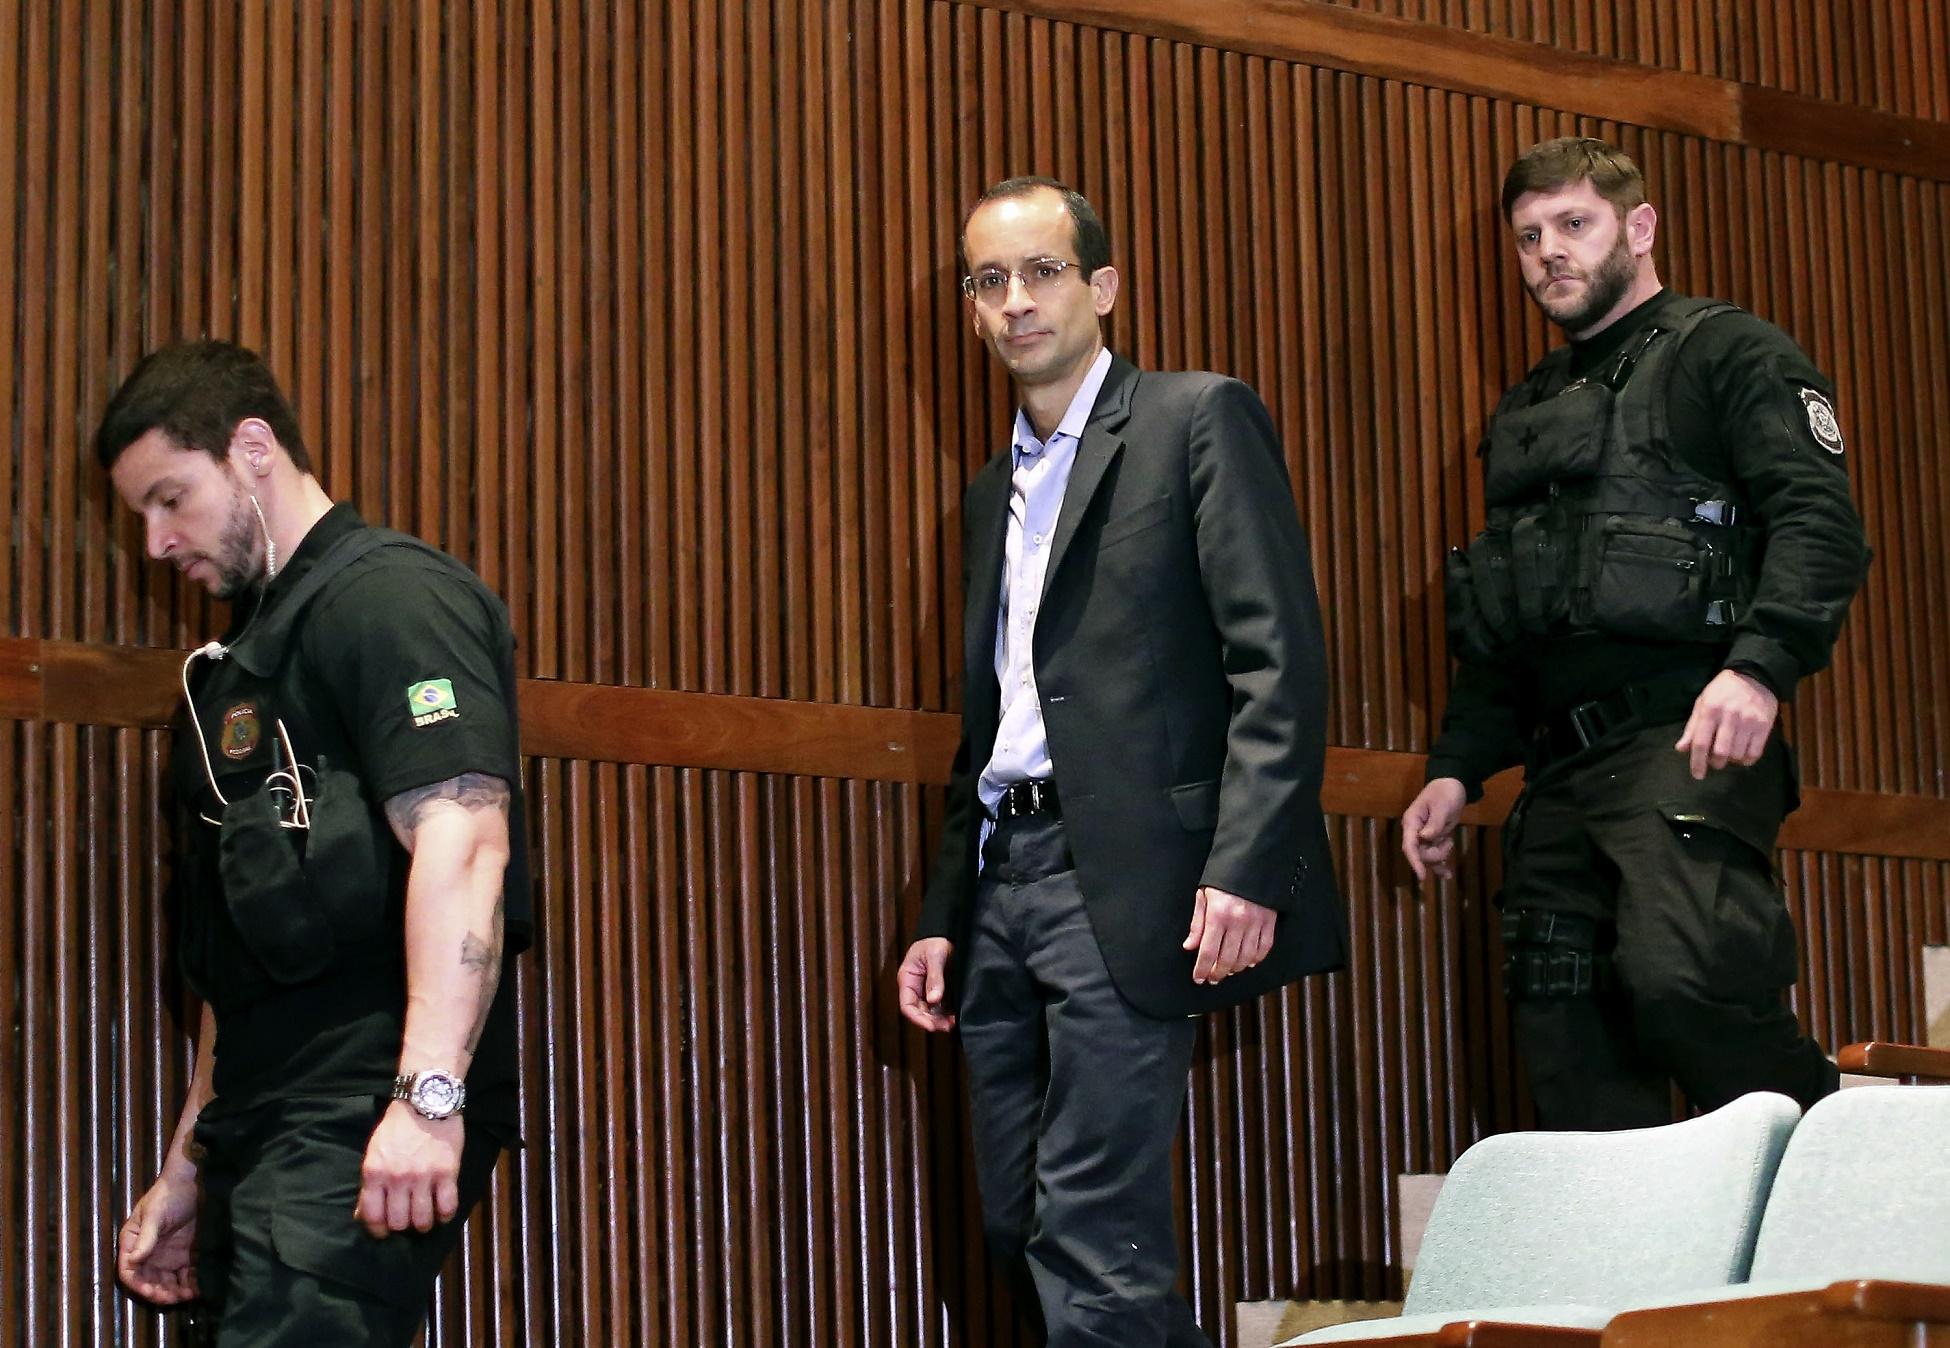 O presidente do grupo Odebrecht, Marcelo Odebrecht , chega para depor na CPI da Petrobras acompanhado de policiais federais